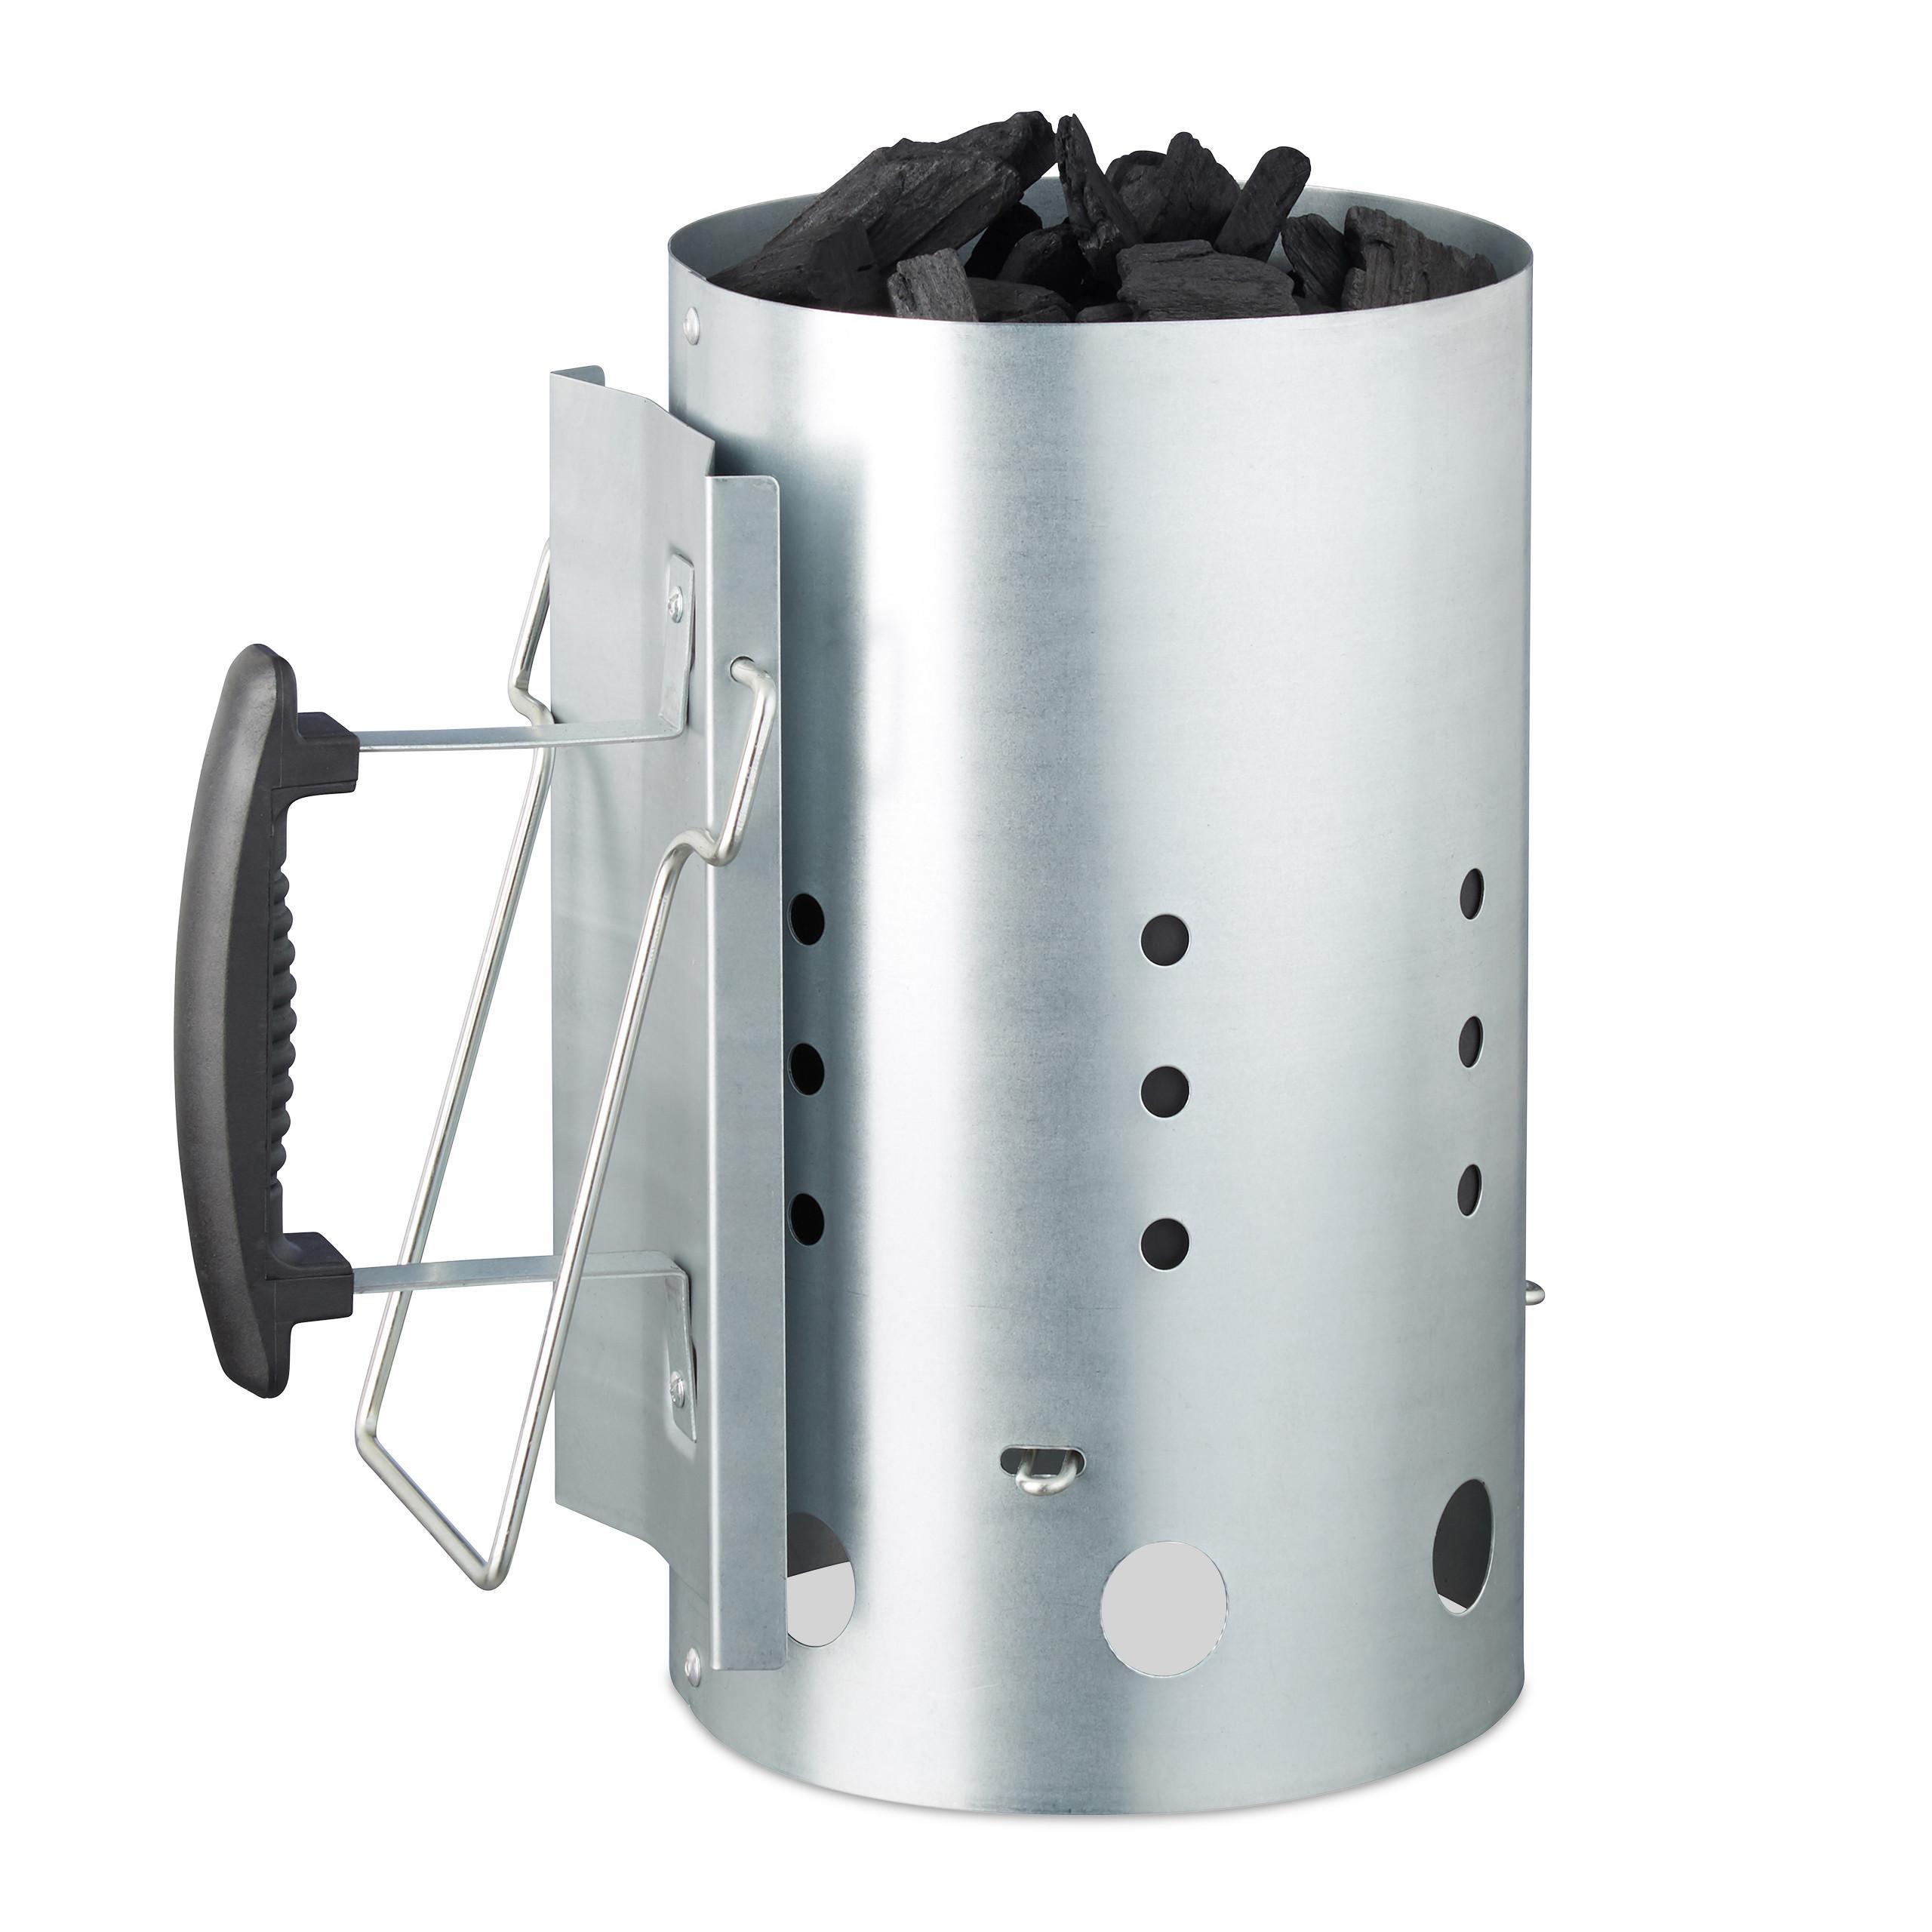 Anzündkamin XL Grillanzünder mit Sicherheitsgriff Kohlestarter Schnellanzünder